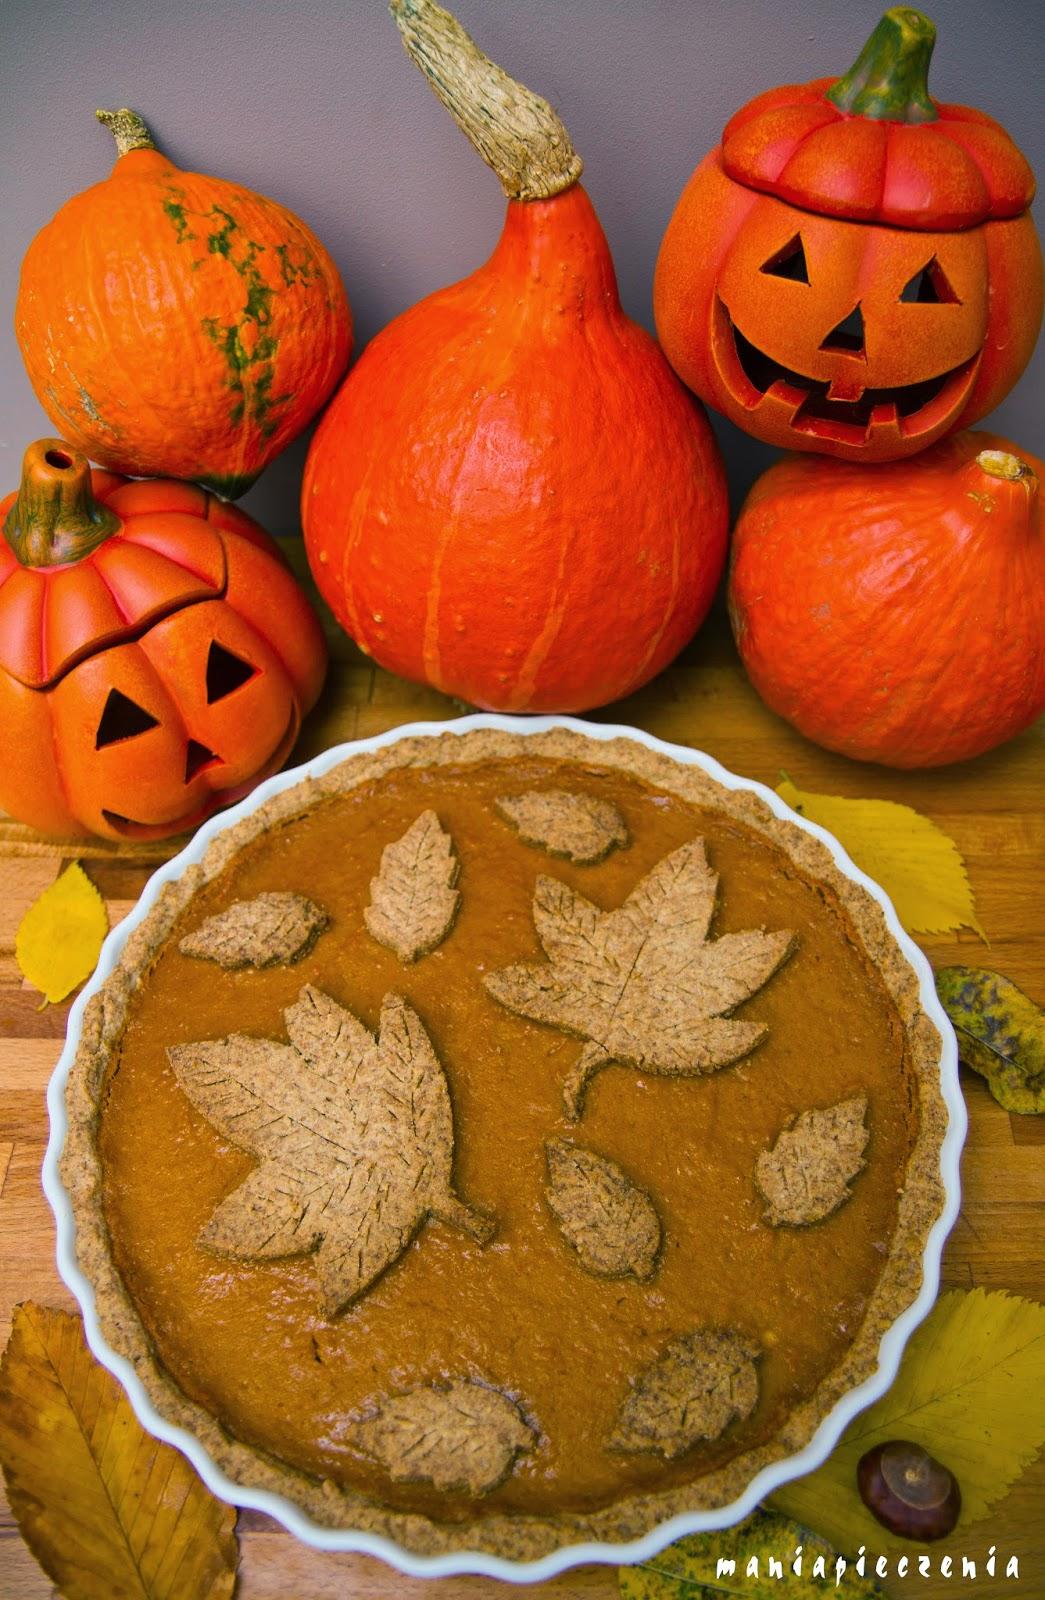 Pumpkin Pie czyli amerykanski placek dyniowy